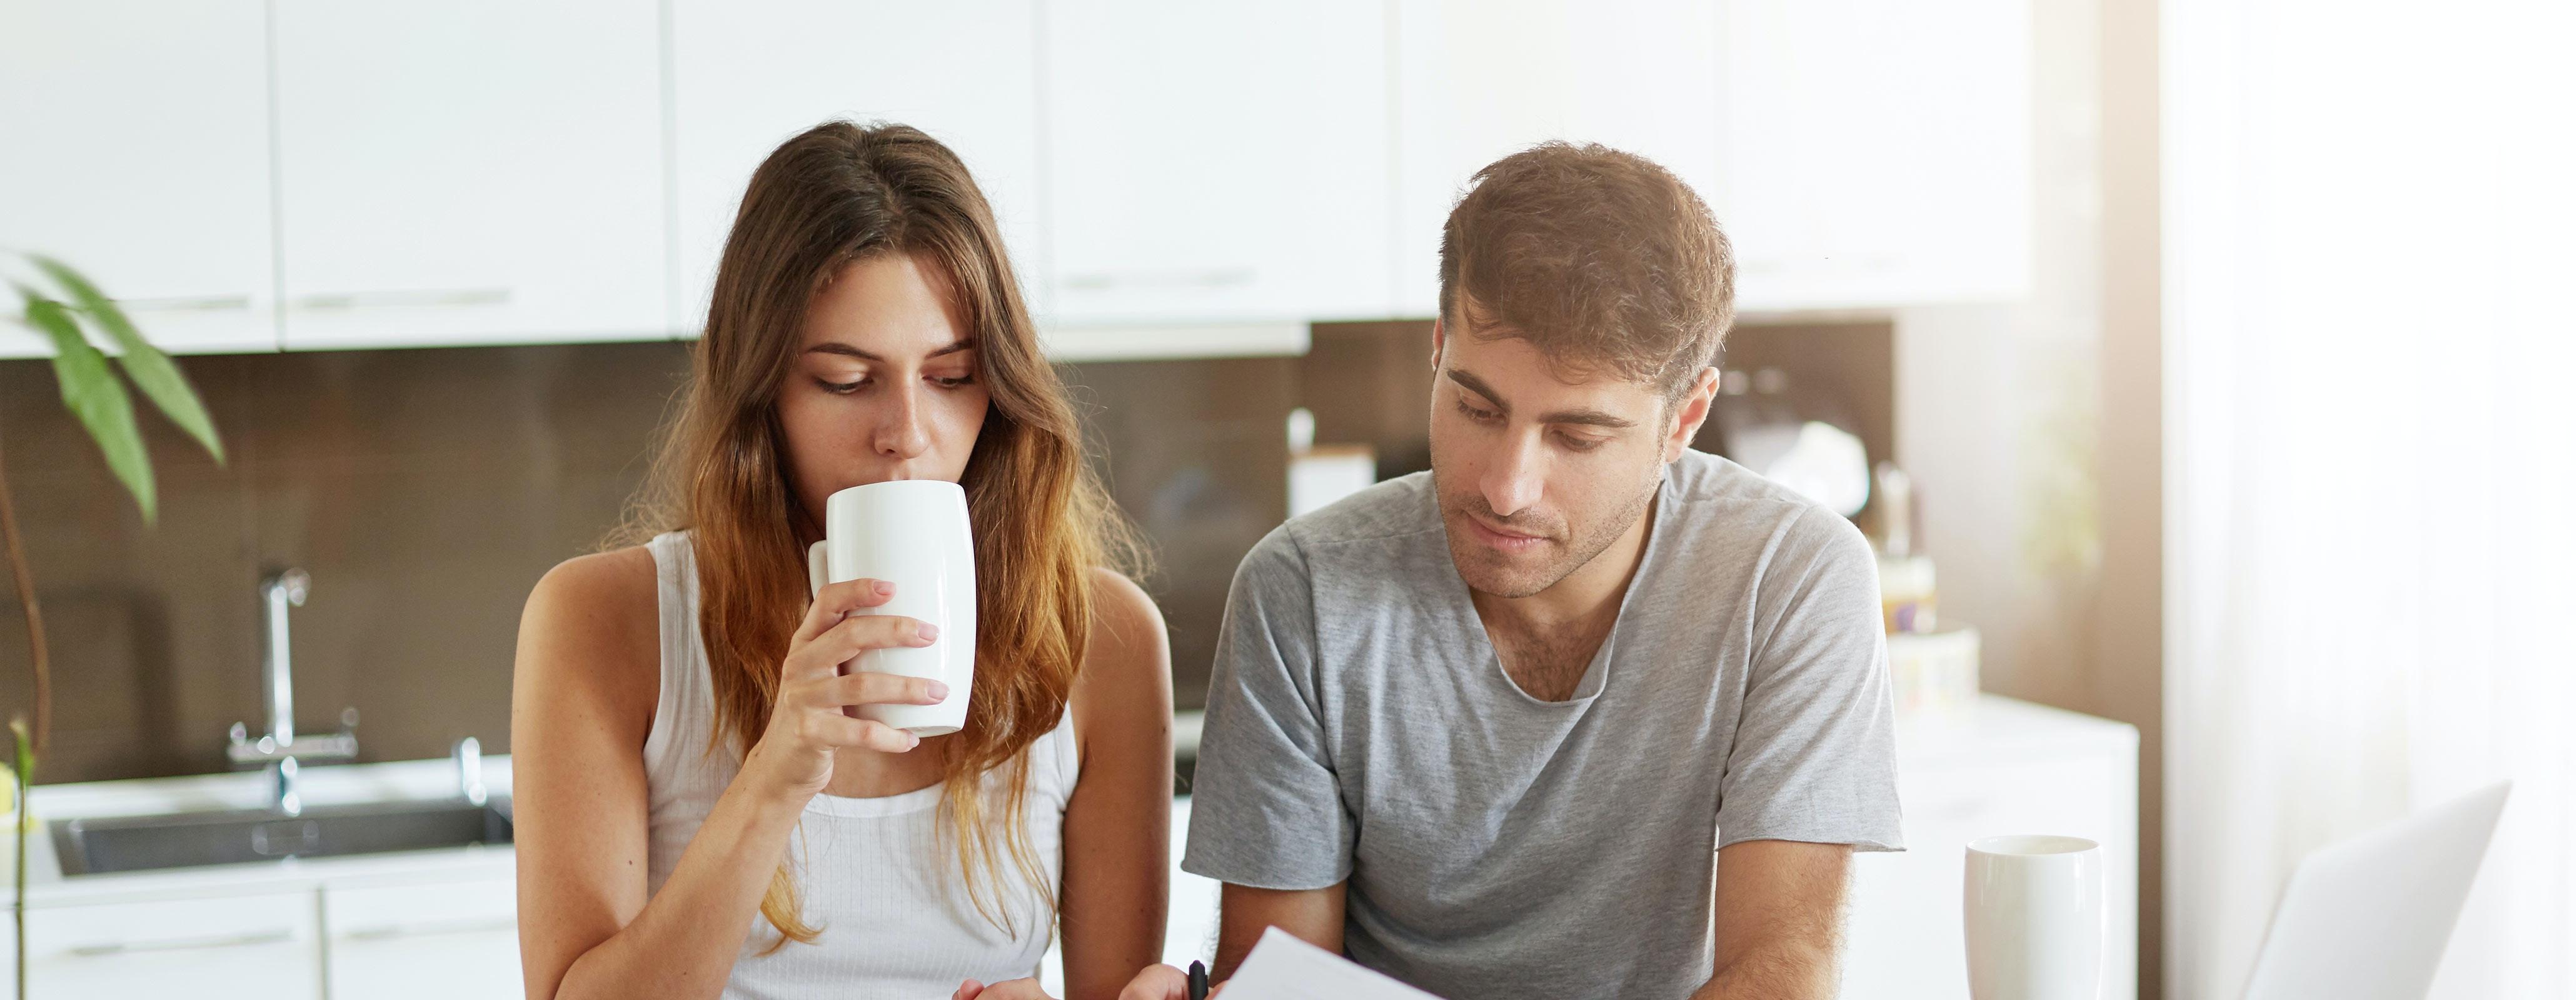 Stel in de keuken checkt hun aflossingsvrije hypotheek